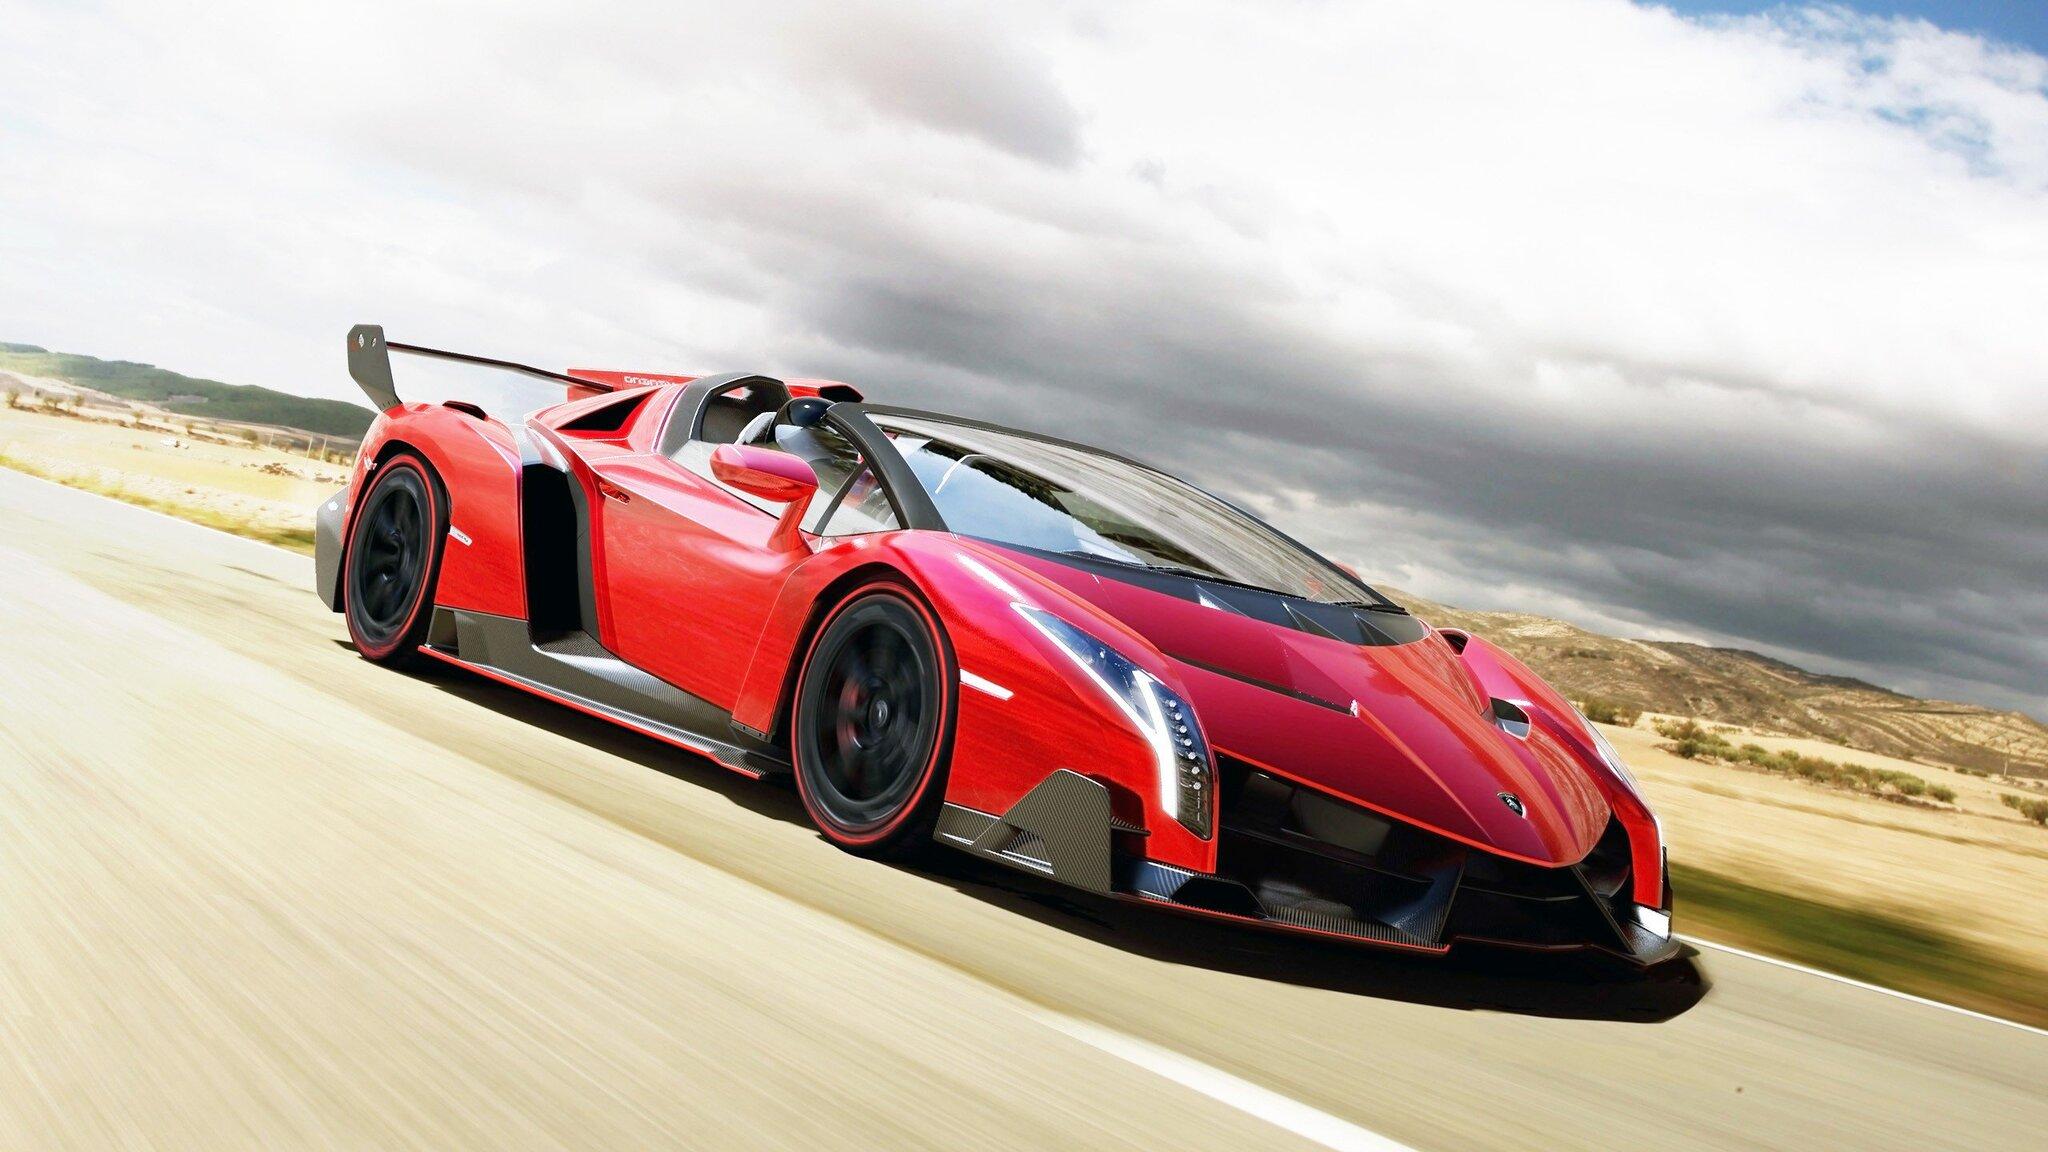 2048x1152 Lamborghini Veneno Roadster Resolution HD 4k